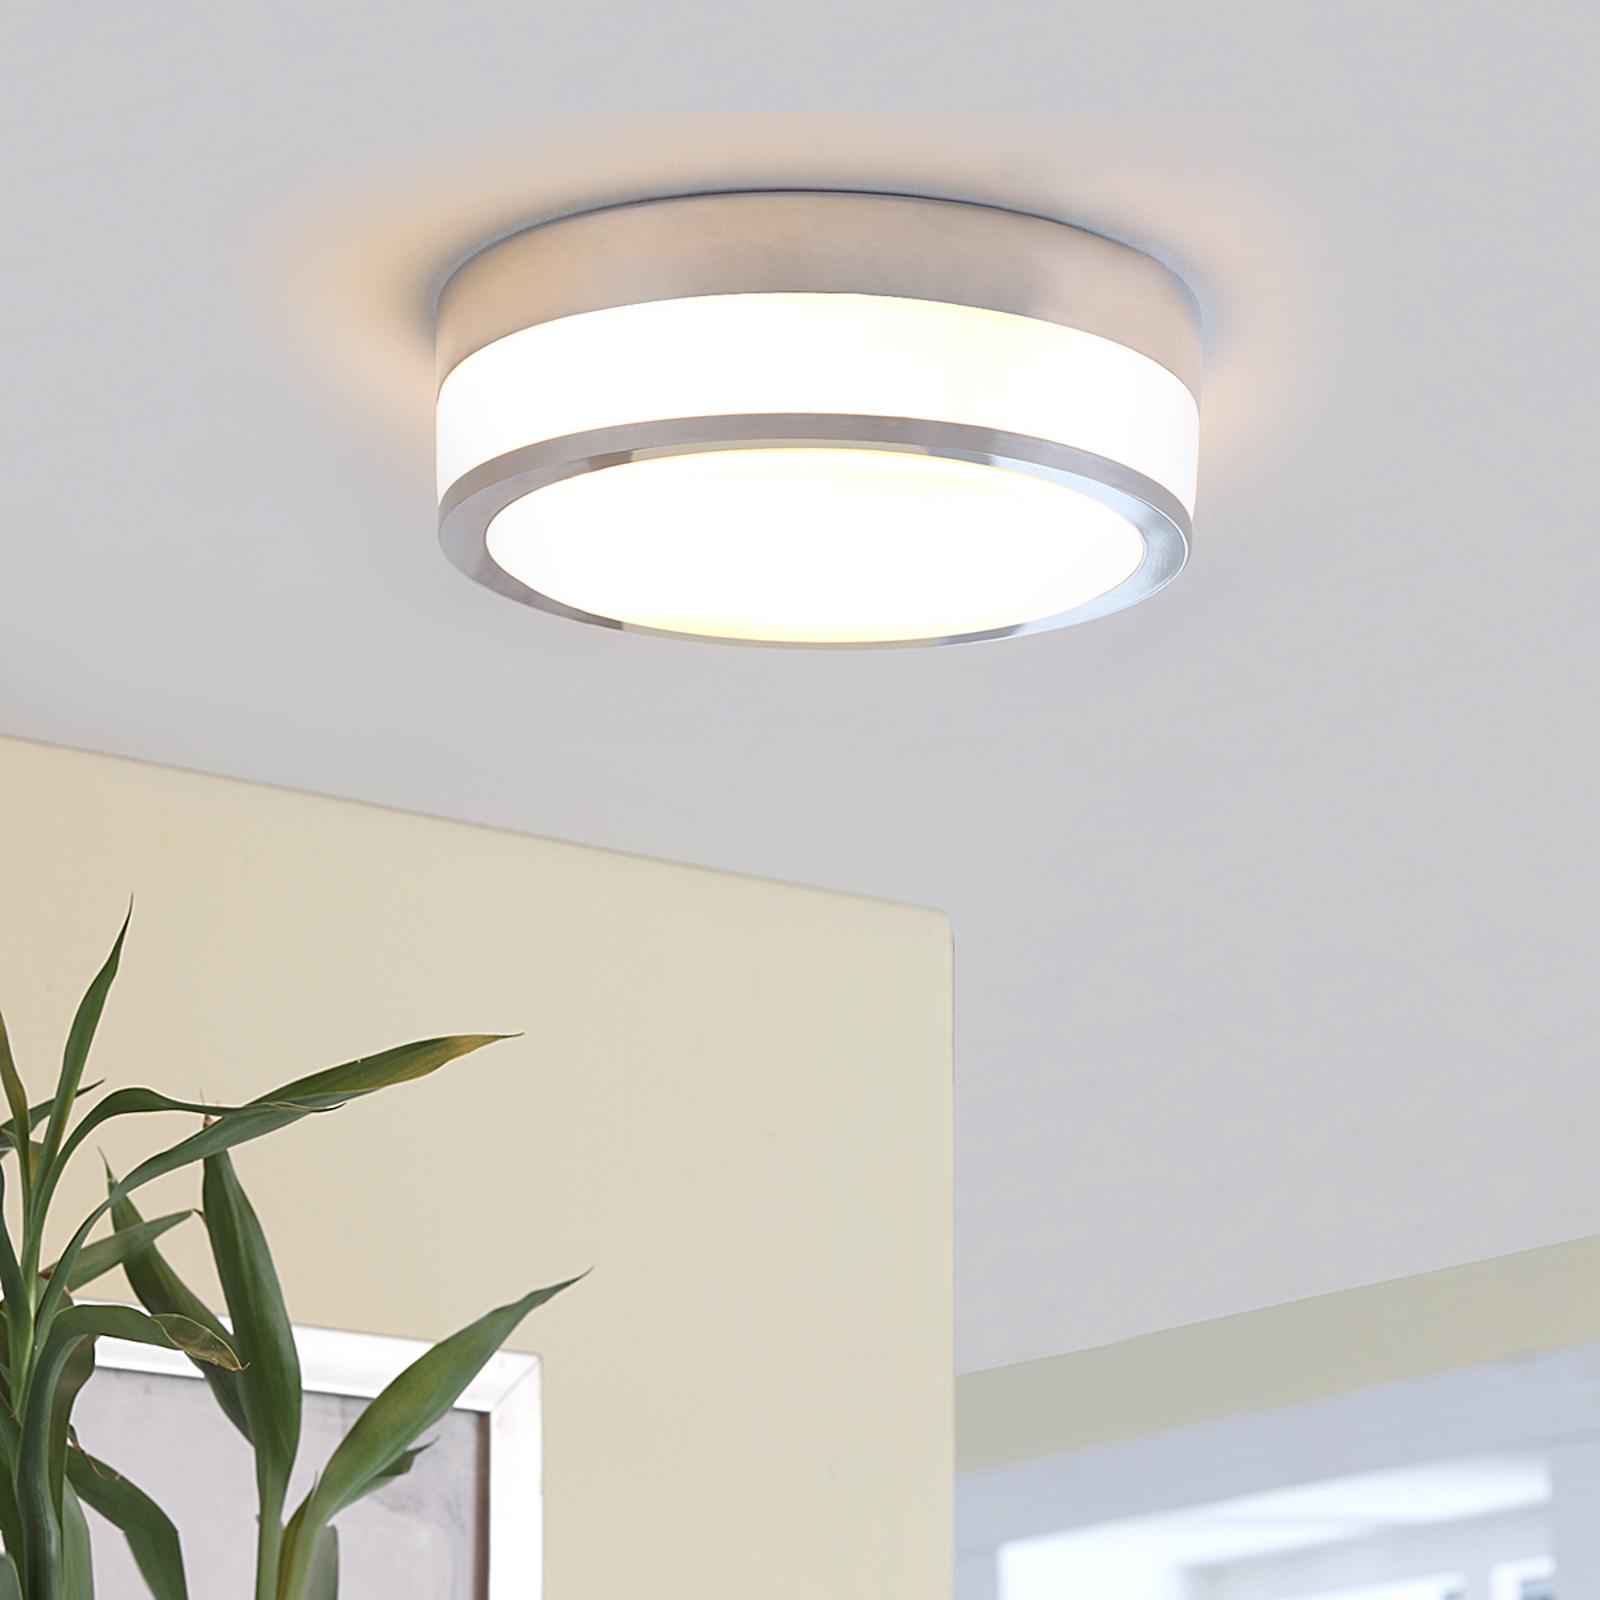 Flavi - stropní světlo pro koupelny, chrom